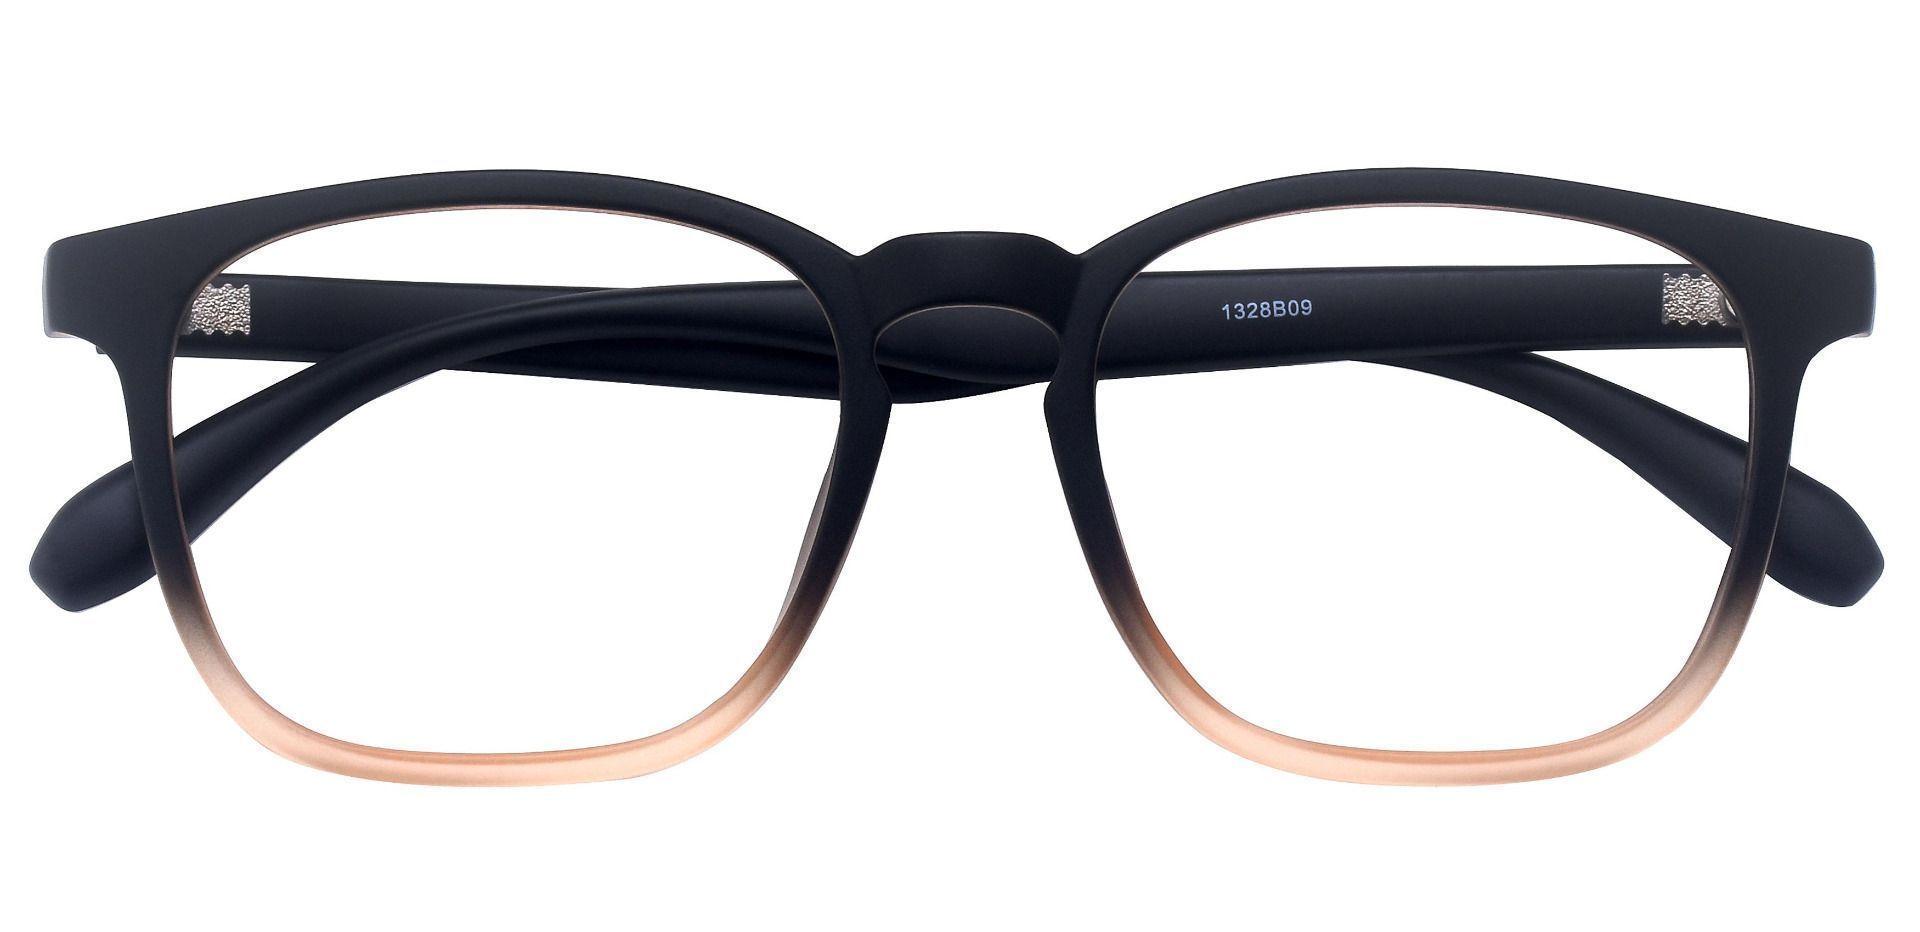 Dusk Classic Square Prescription Glasses - Brown